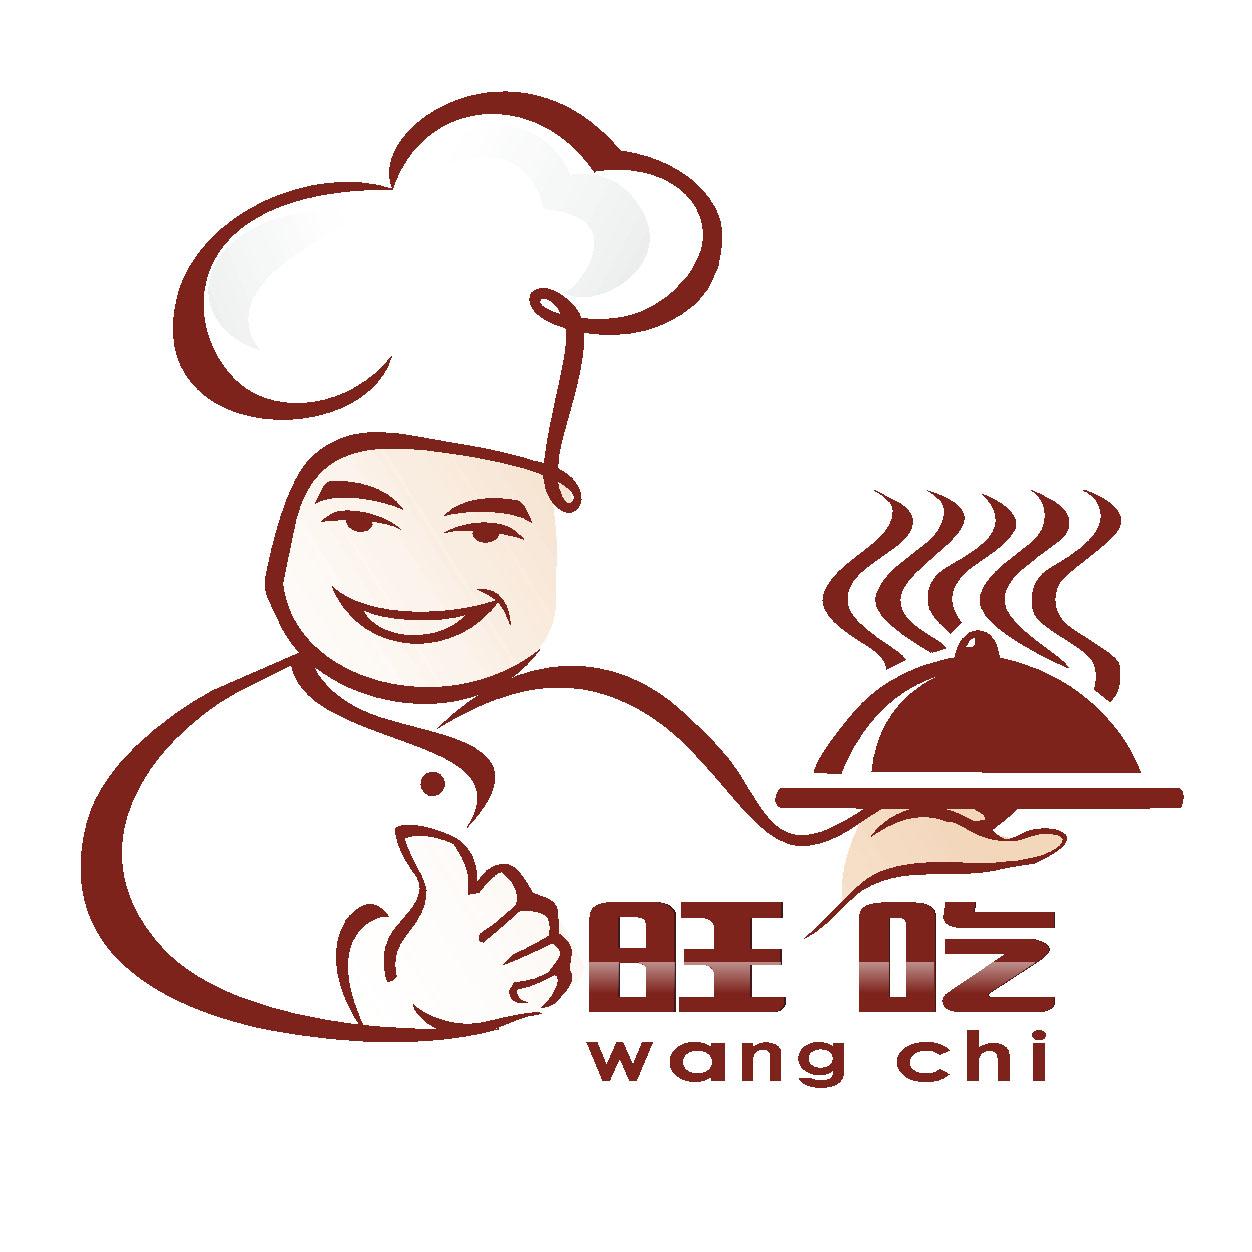 广州旺吃餐饮管理有限公司